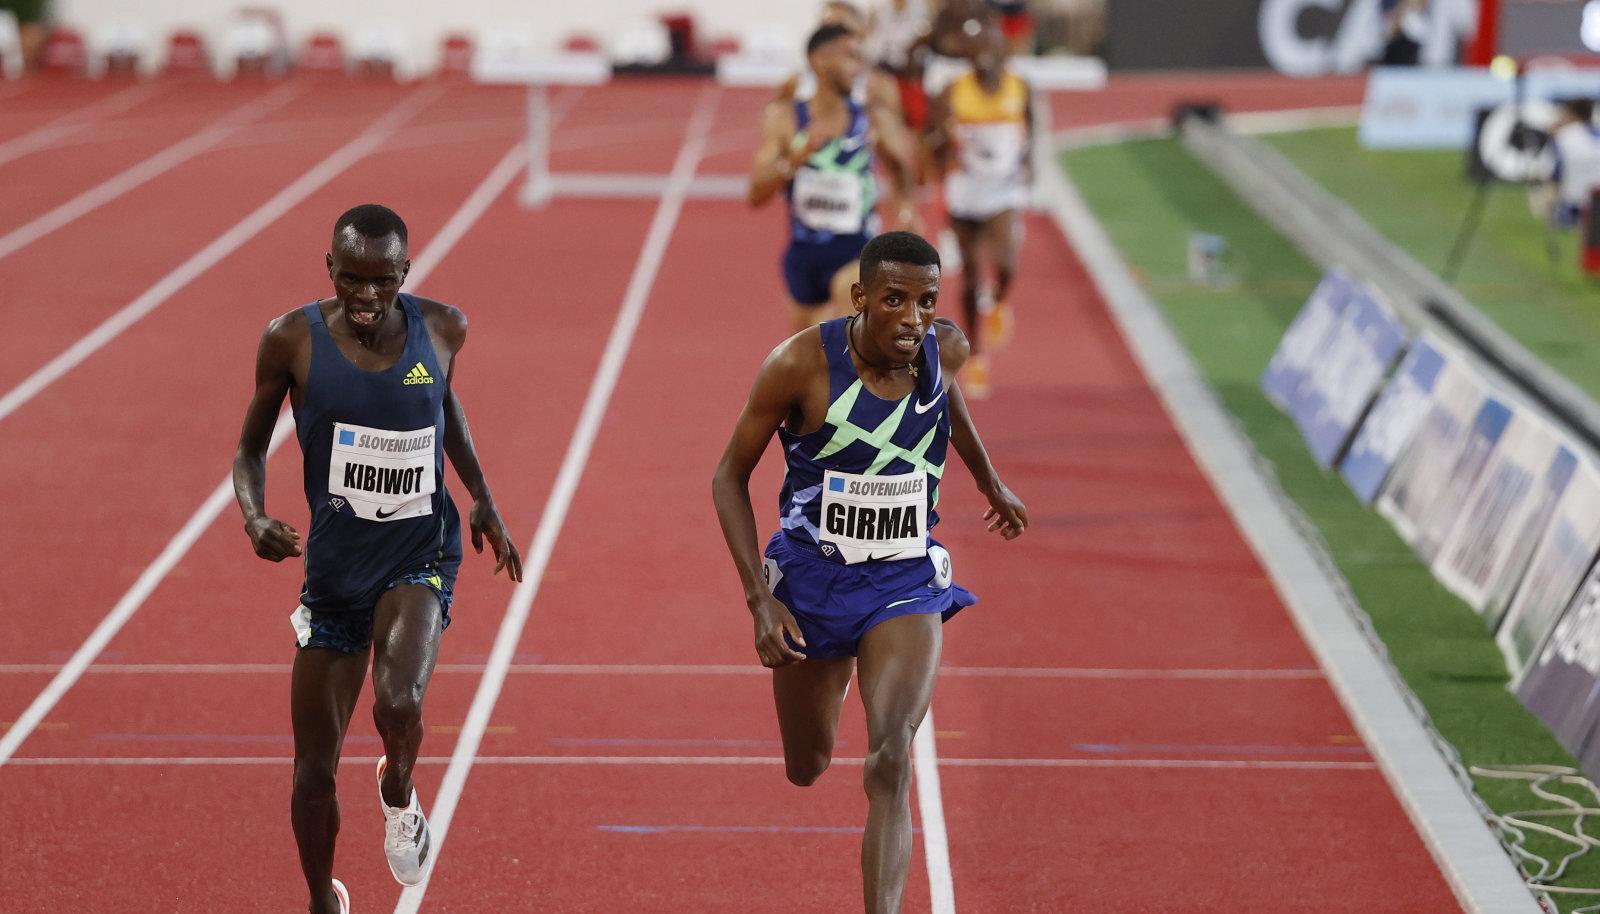 Kummalise 3000 meetri takistusjooksu võitis etiooplane Lamecha Girma (paremal).